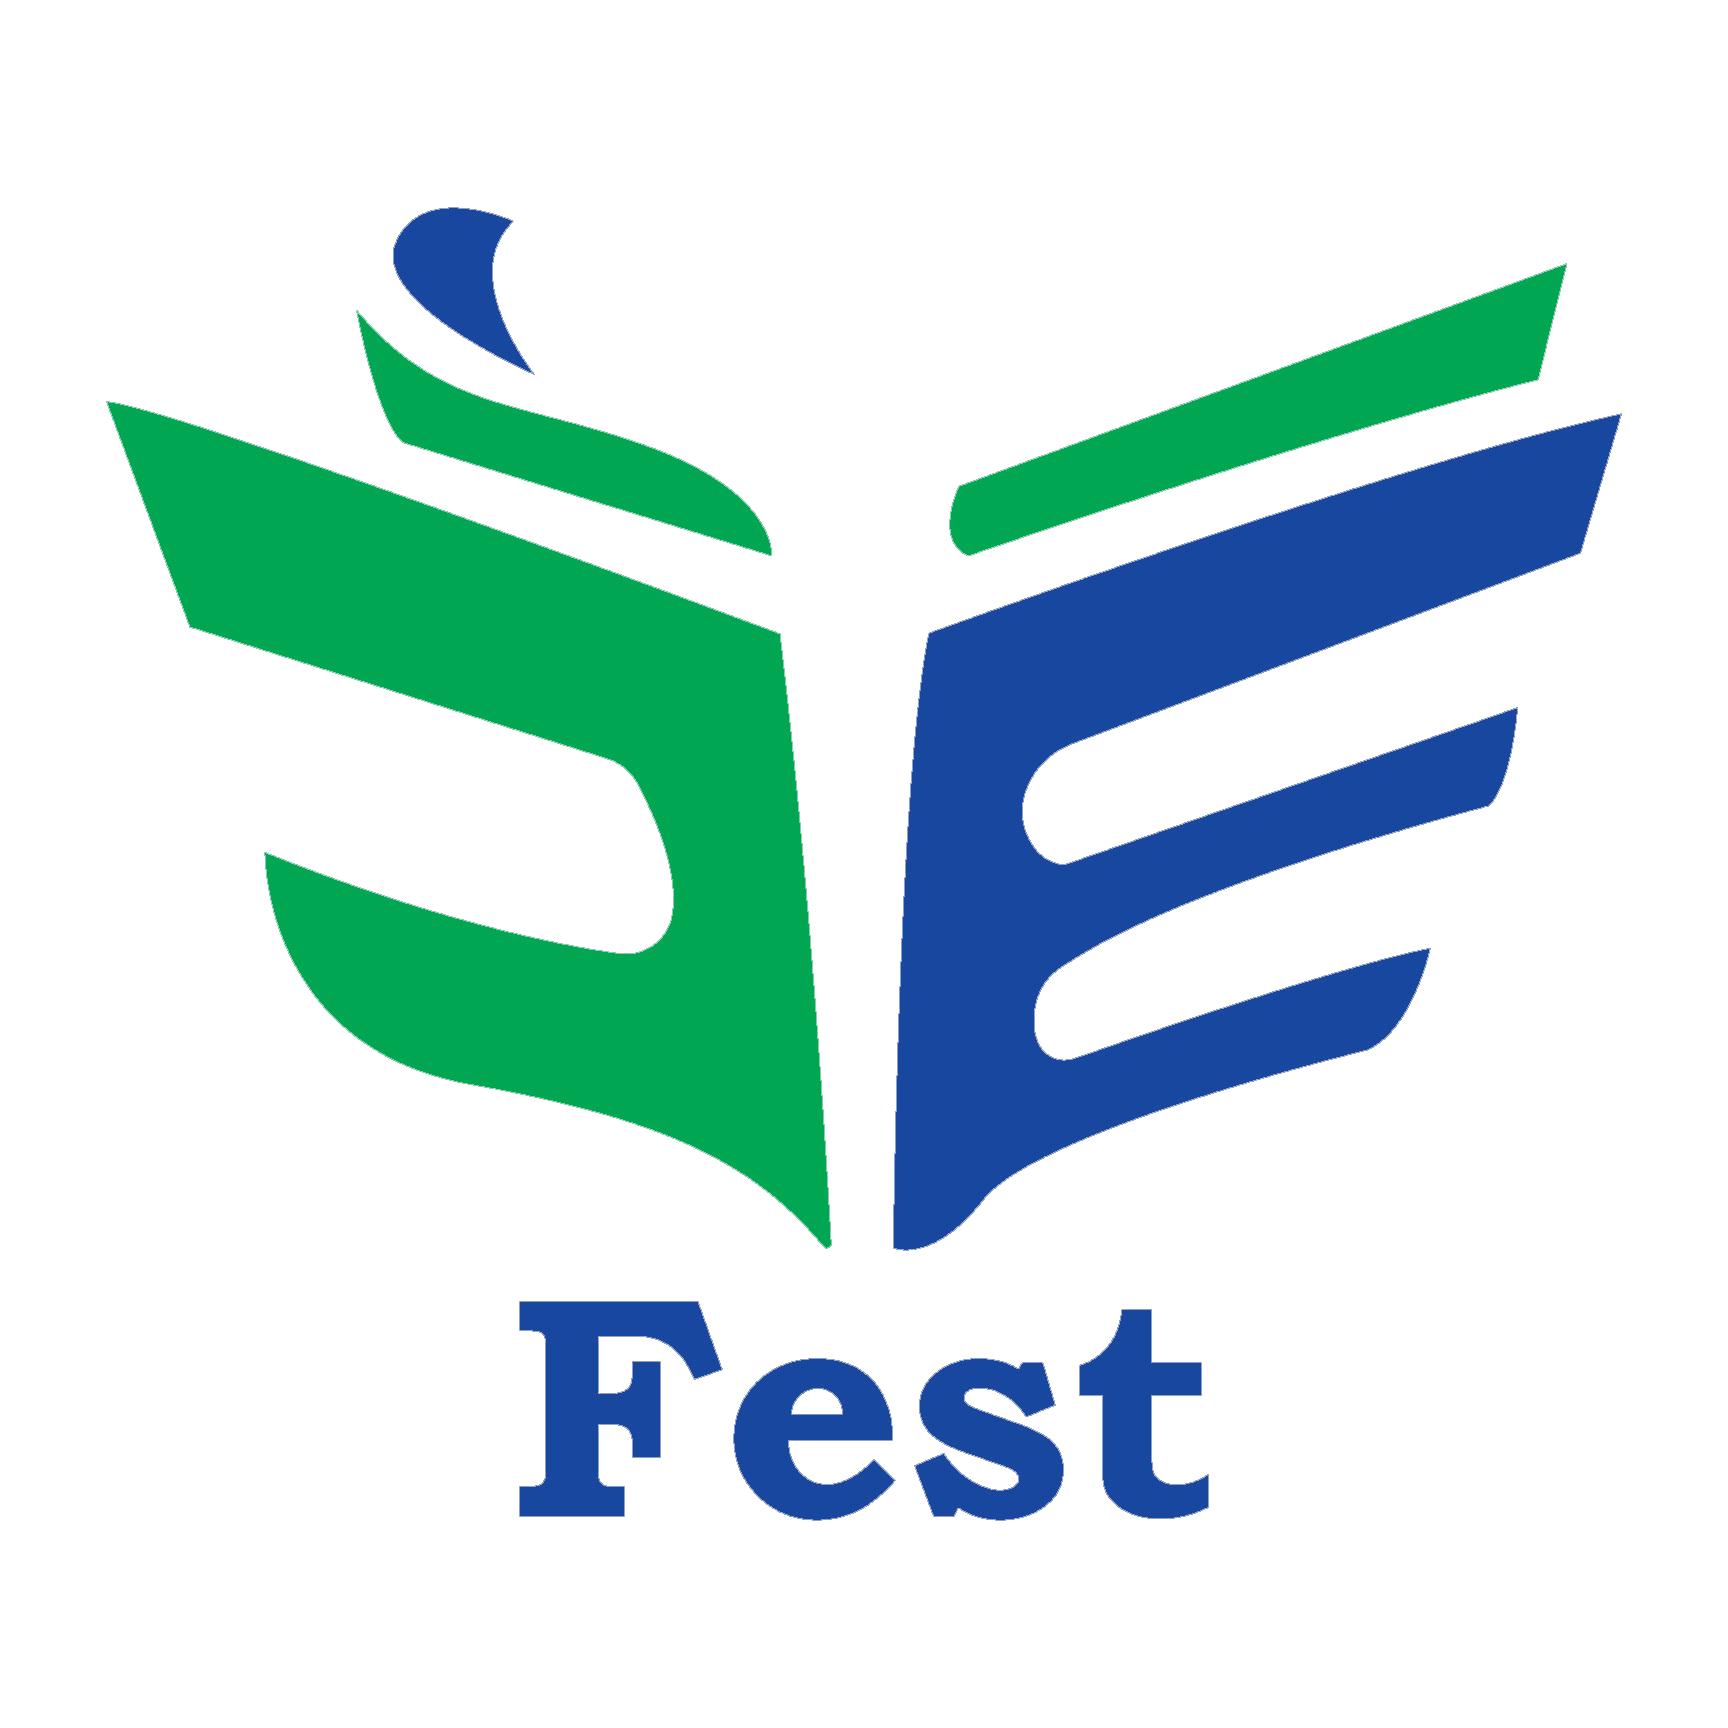 FEST website